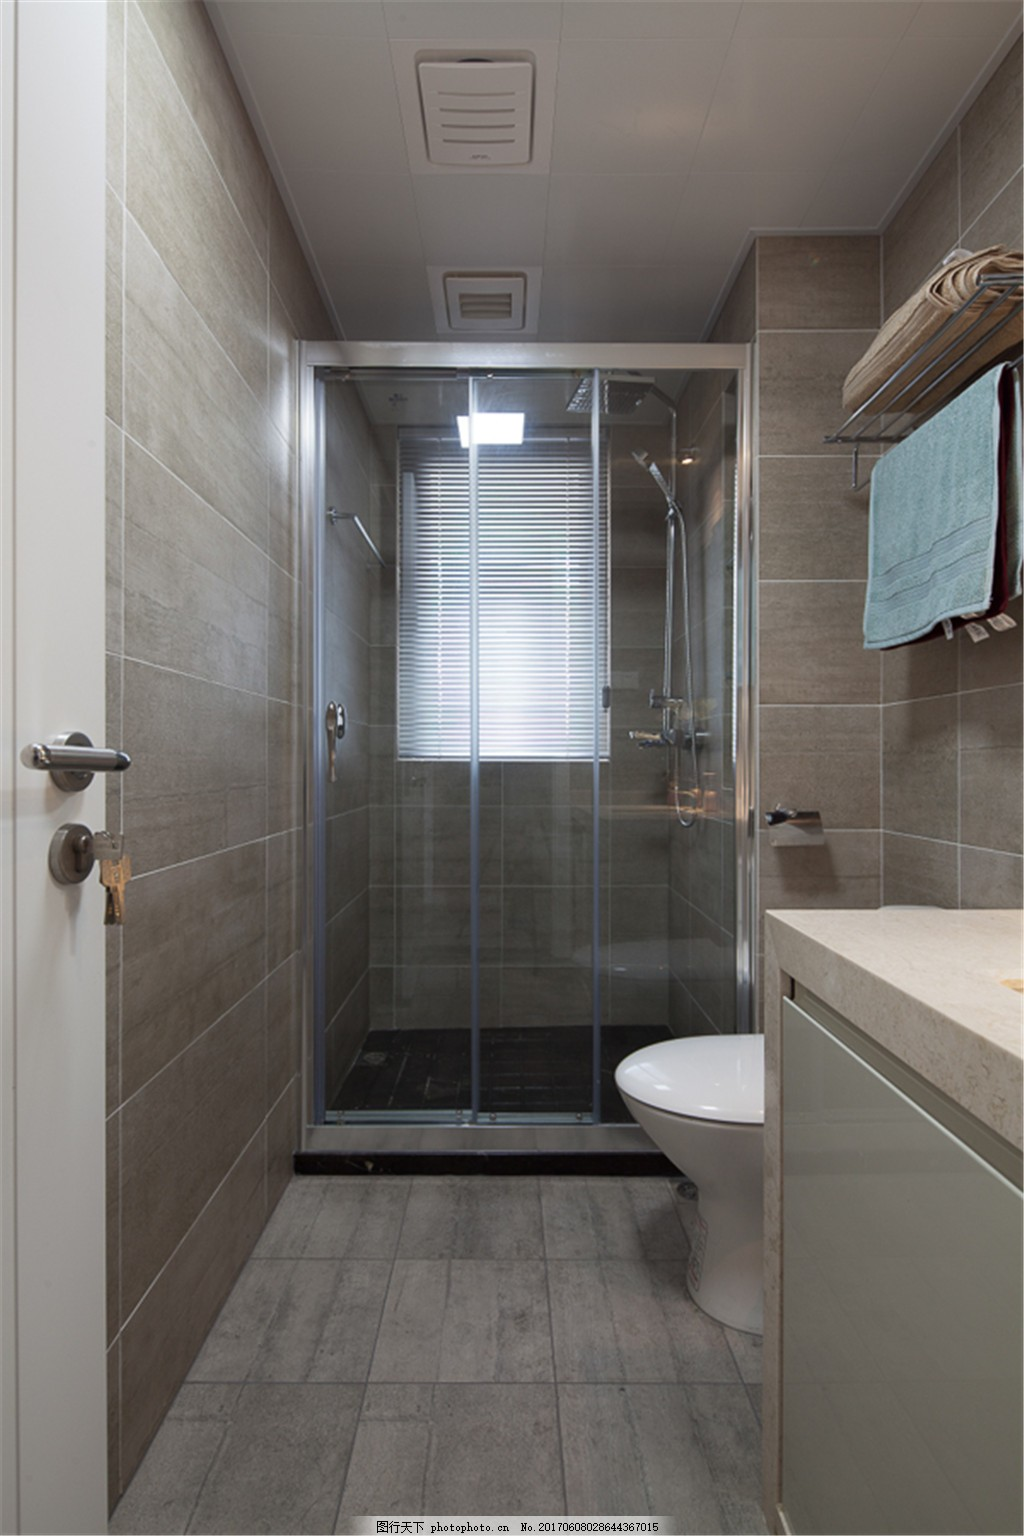 现代简约卫生间装修效果图 室内设计 家装效果图 时尚 北欧风格